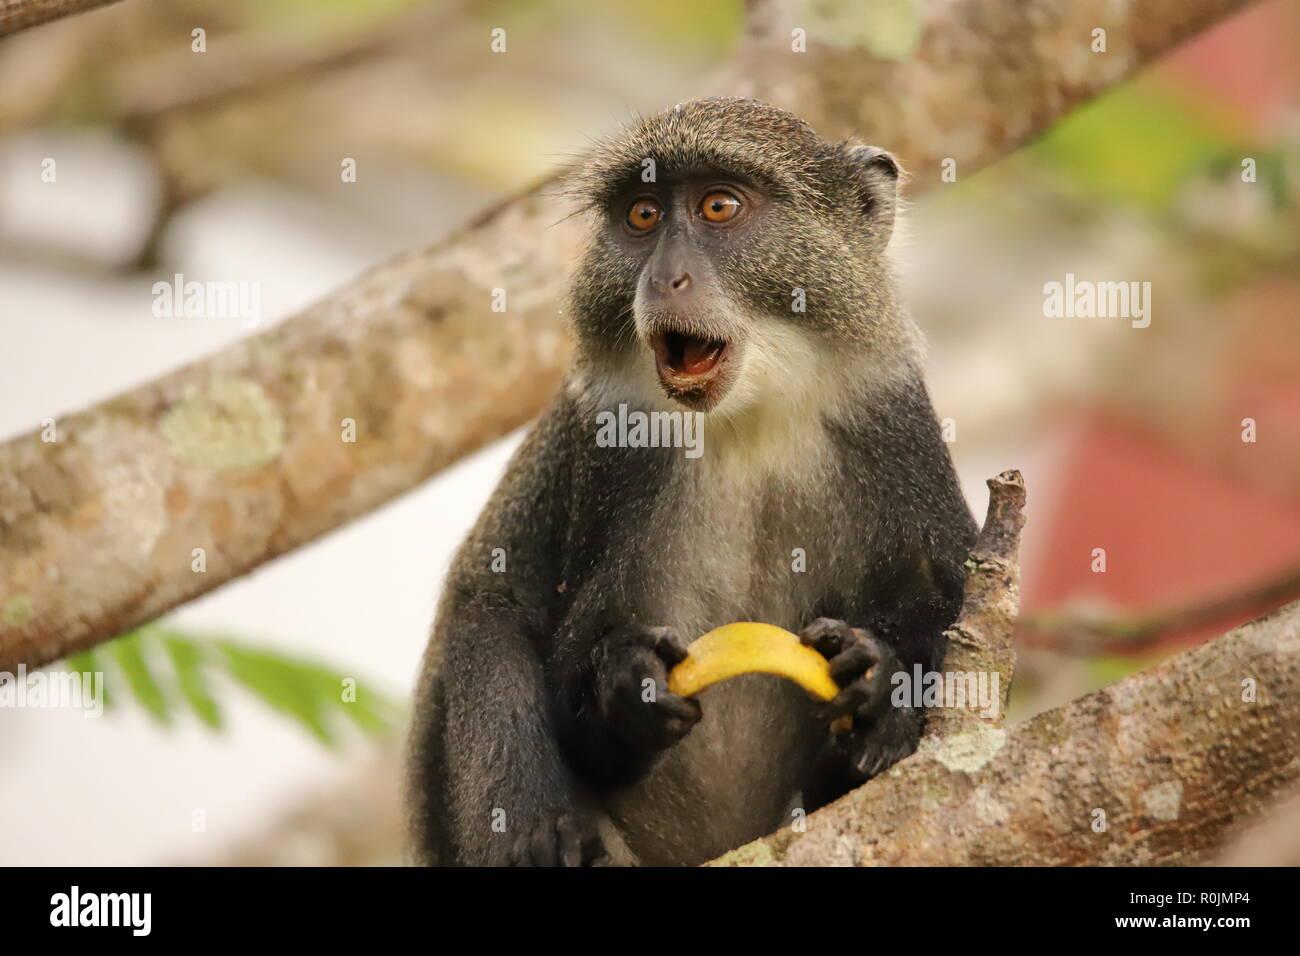 Die sykes Monkey scheint überrascht zu werden. Stockfoto